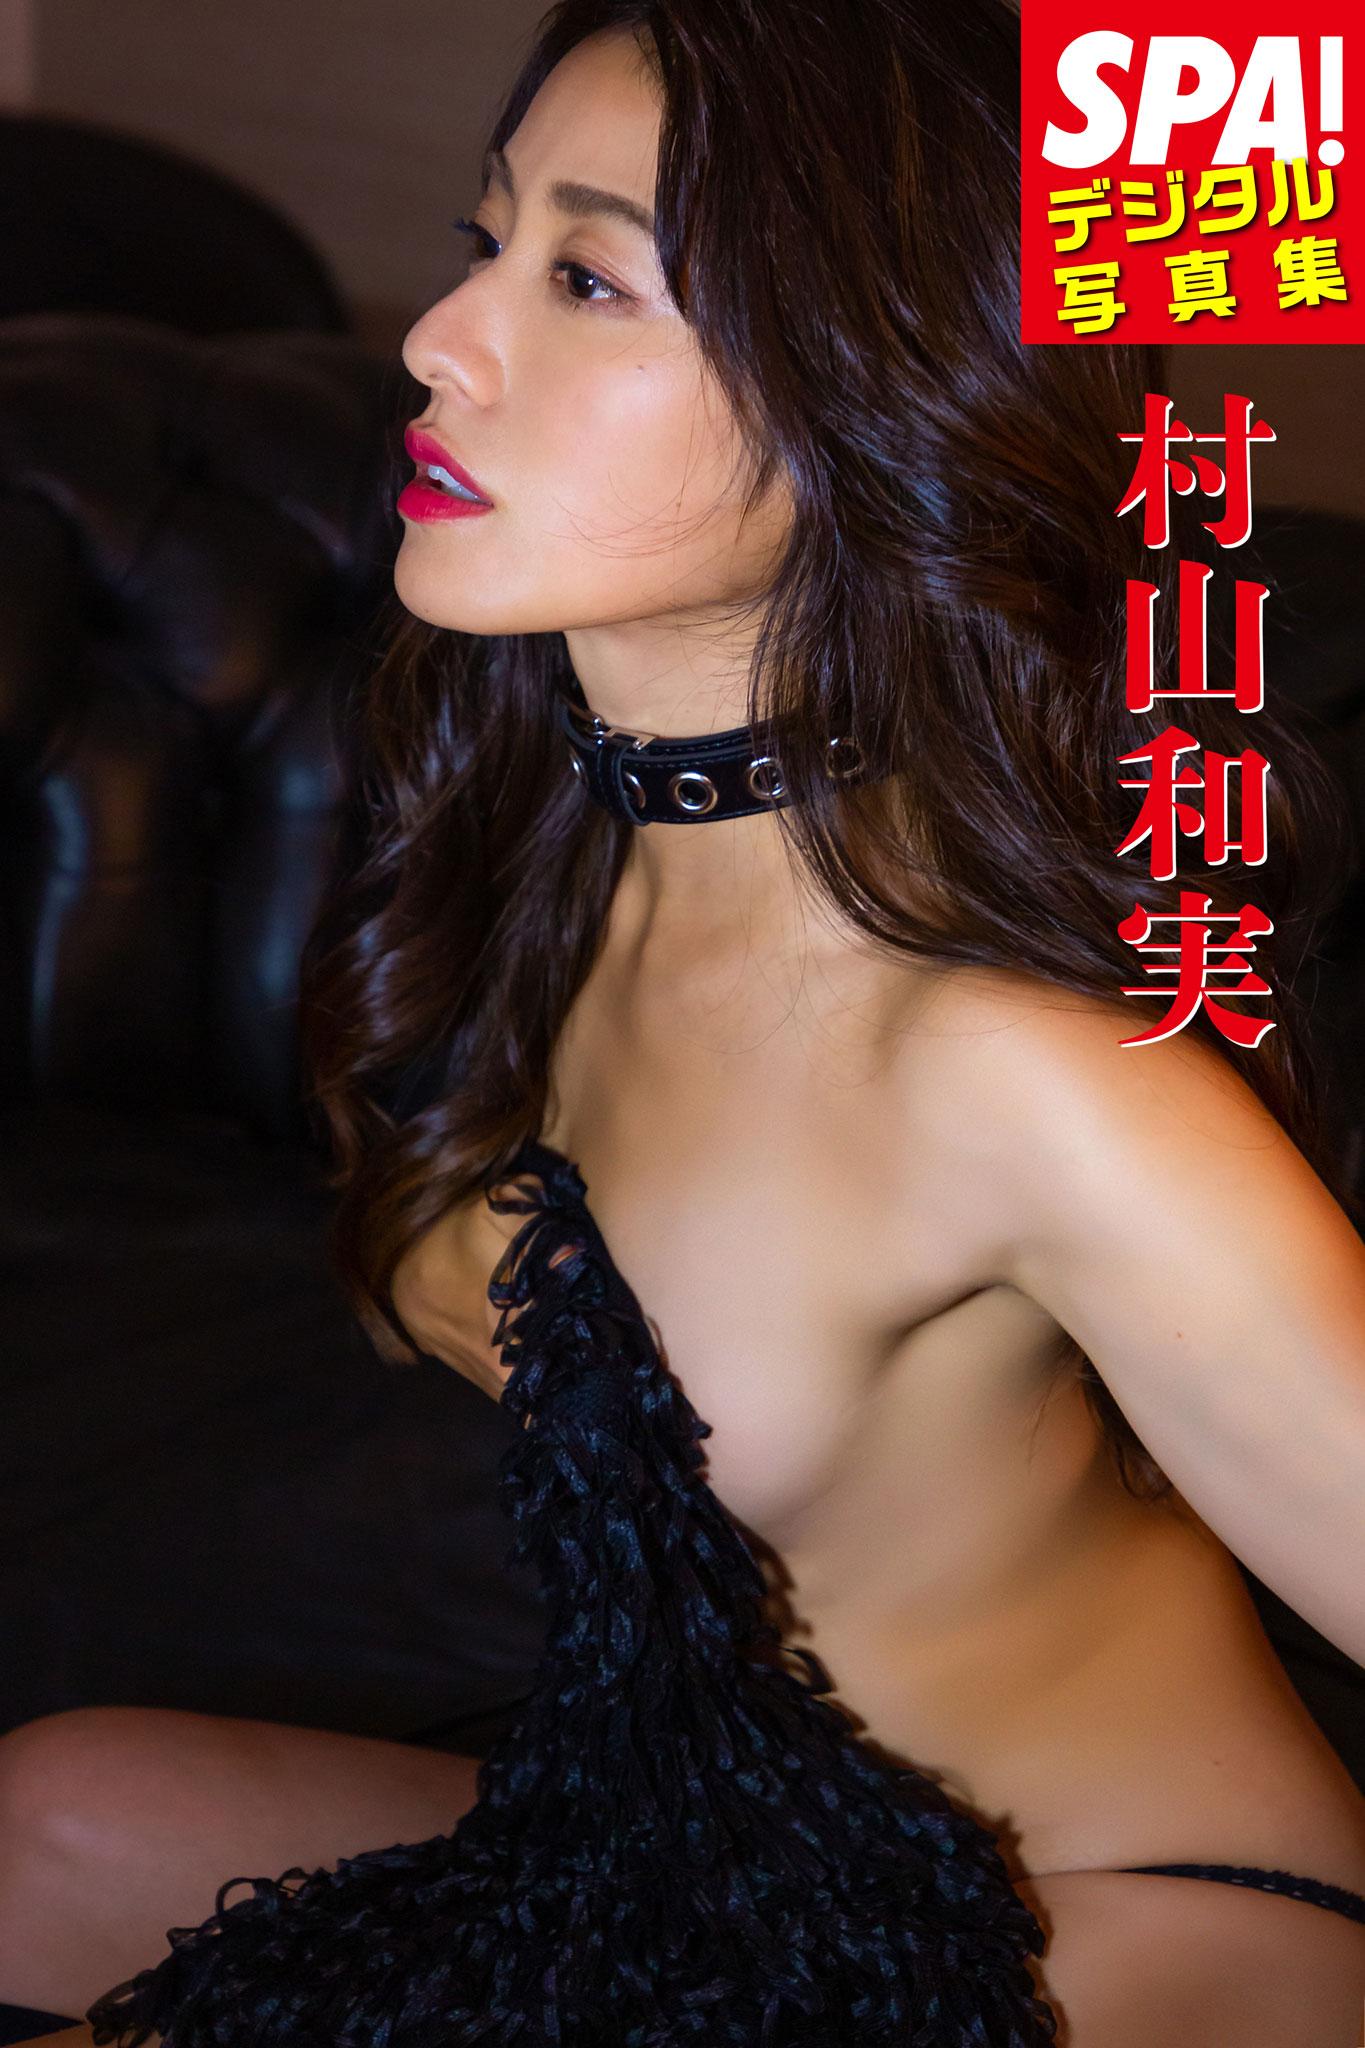 村山和実、初のデジタル写真集表紙